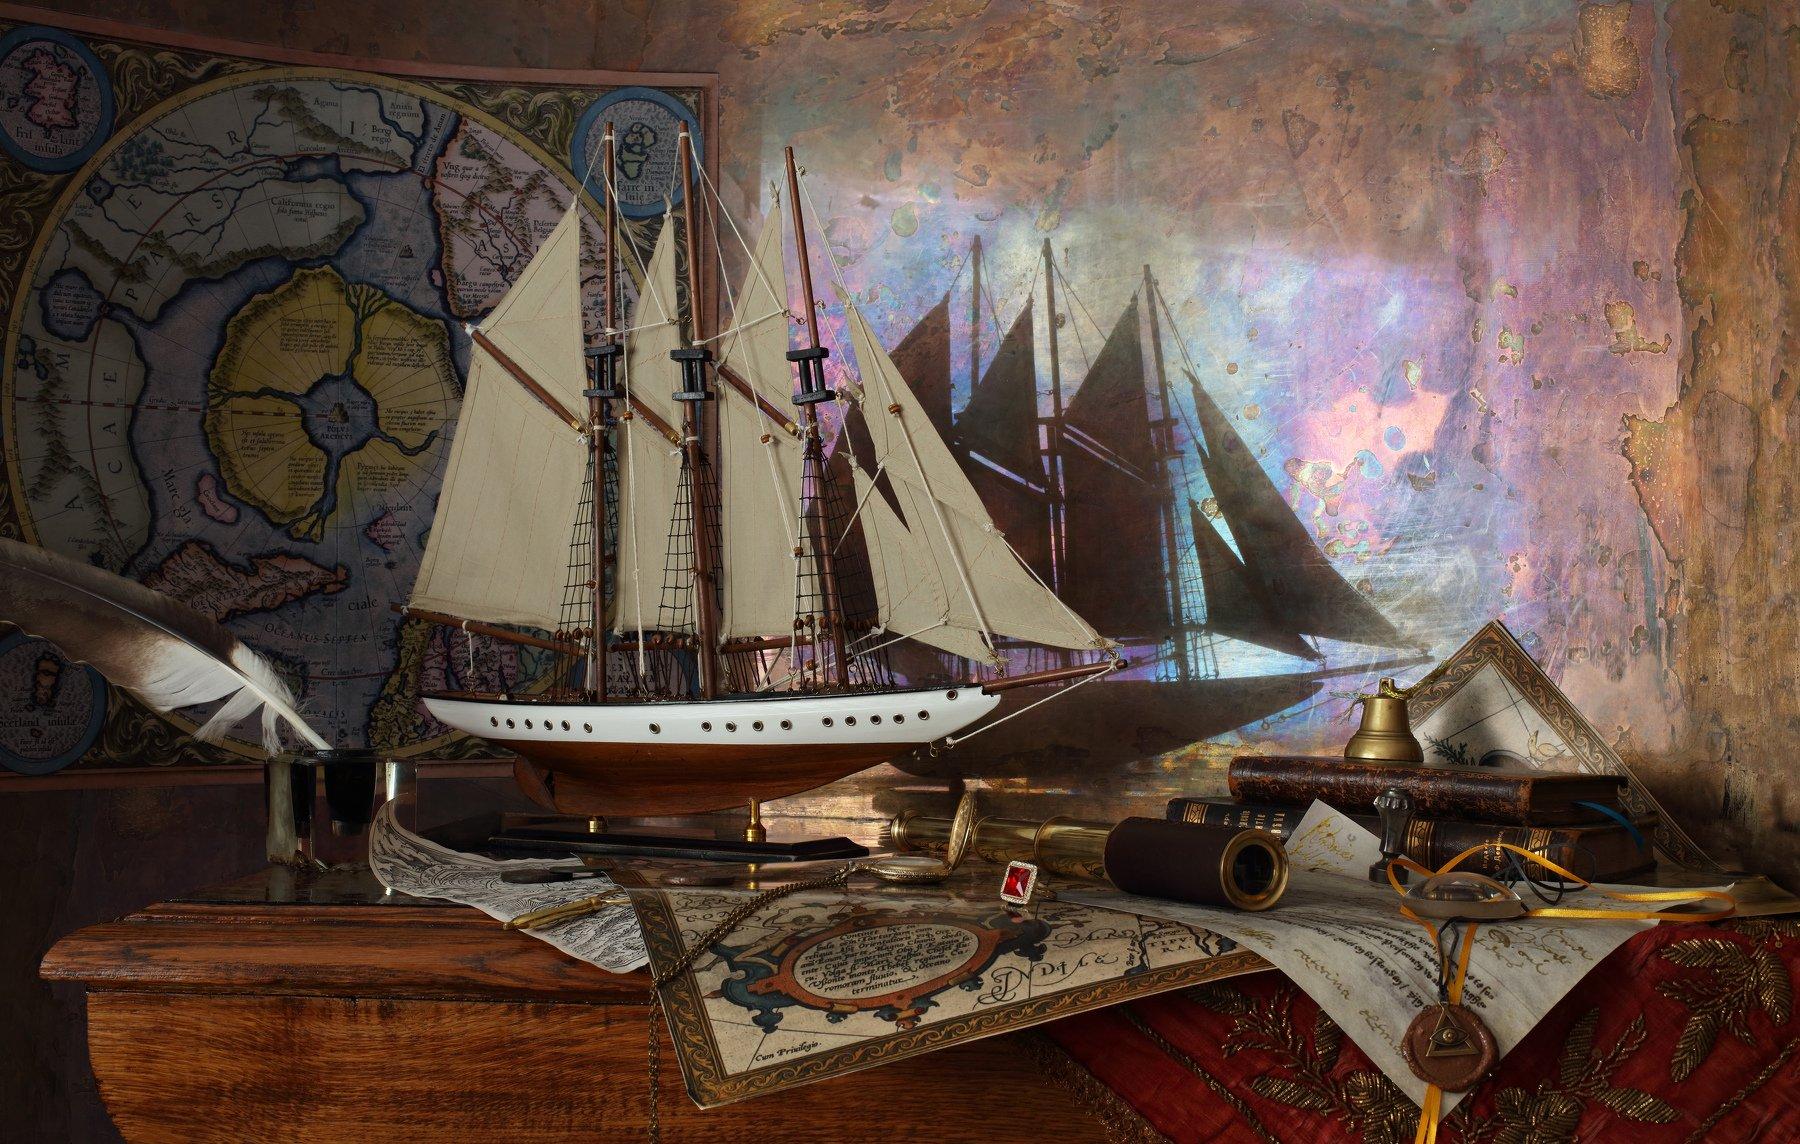 корабль, парусник, натюрморт, карта, Меркатор, полюс, история, Андрей Морозов